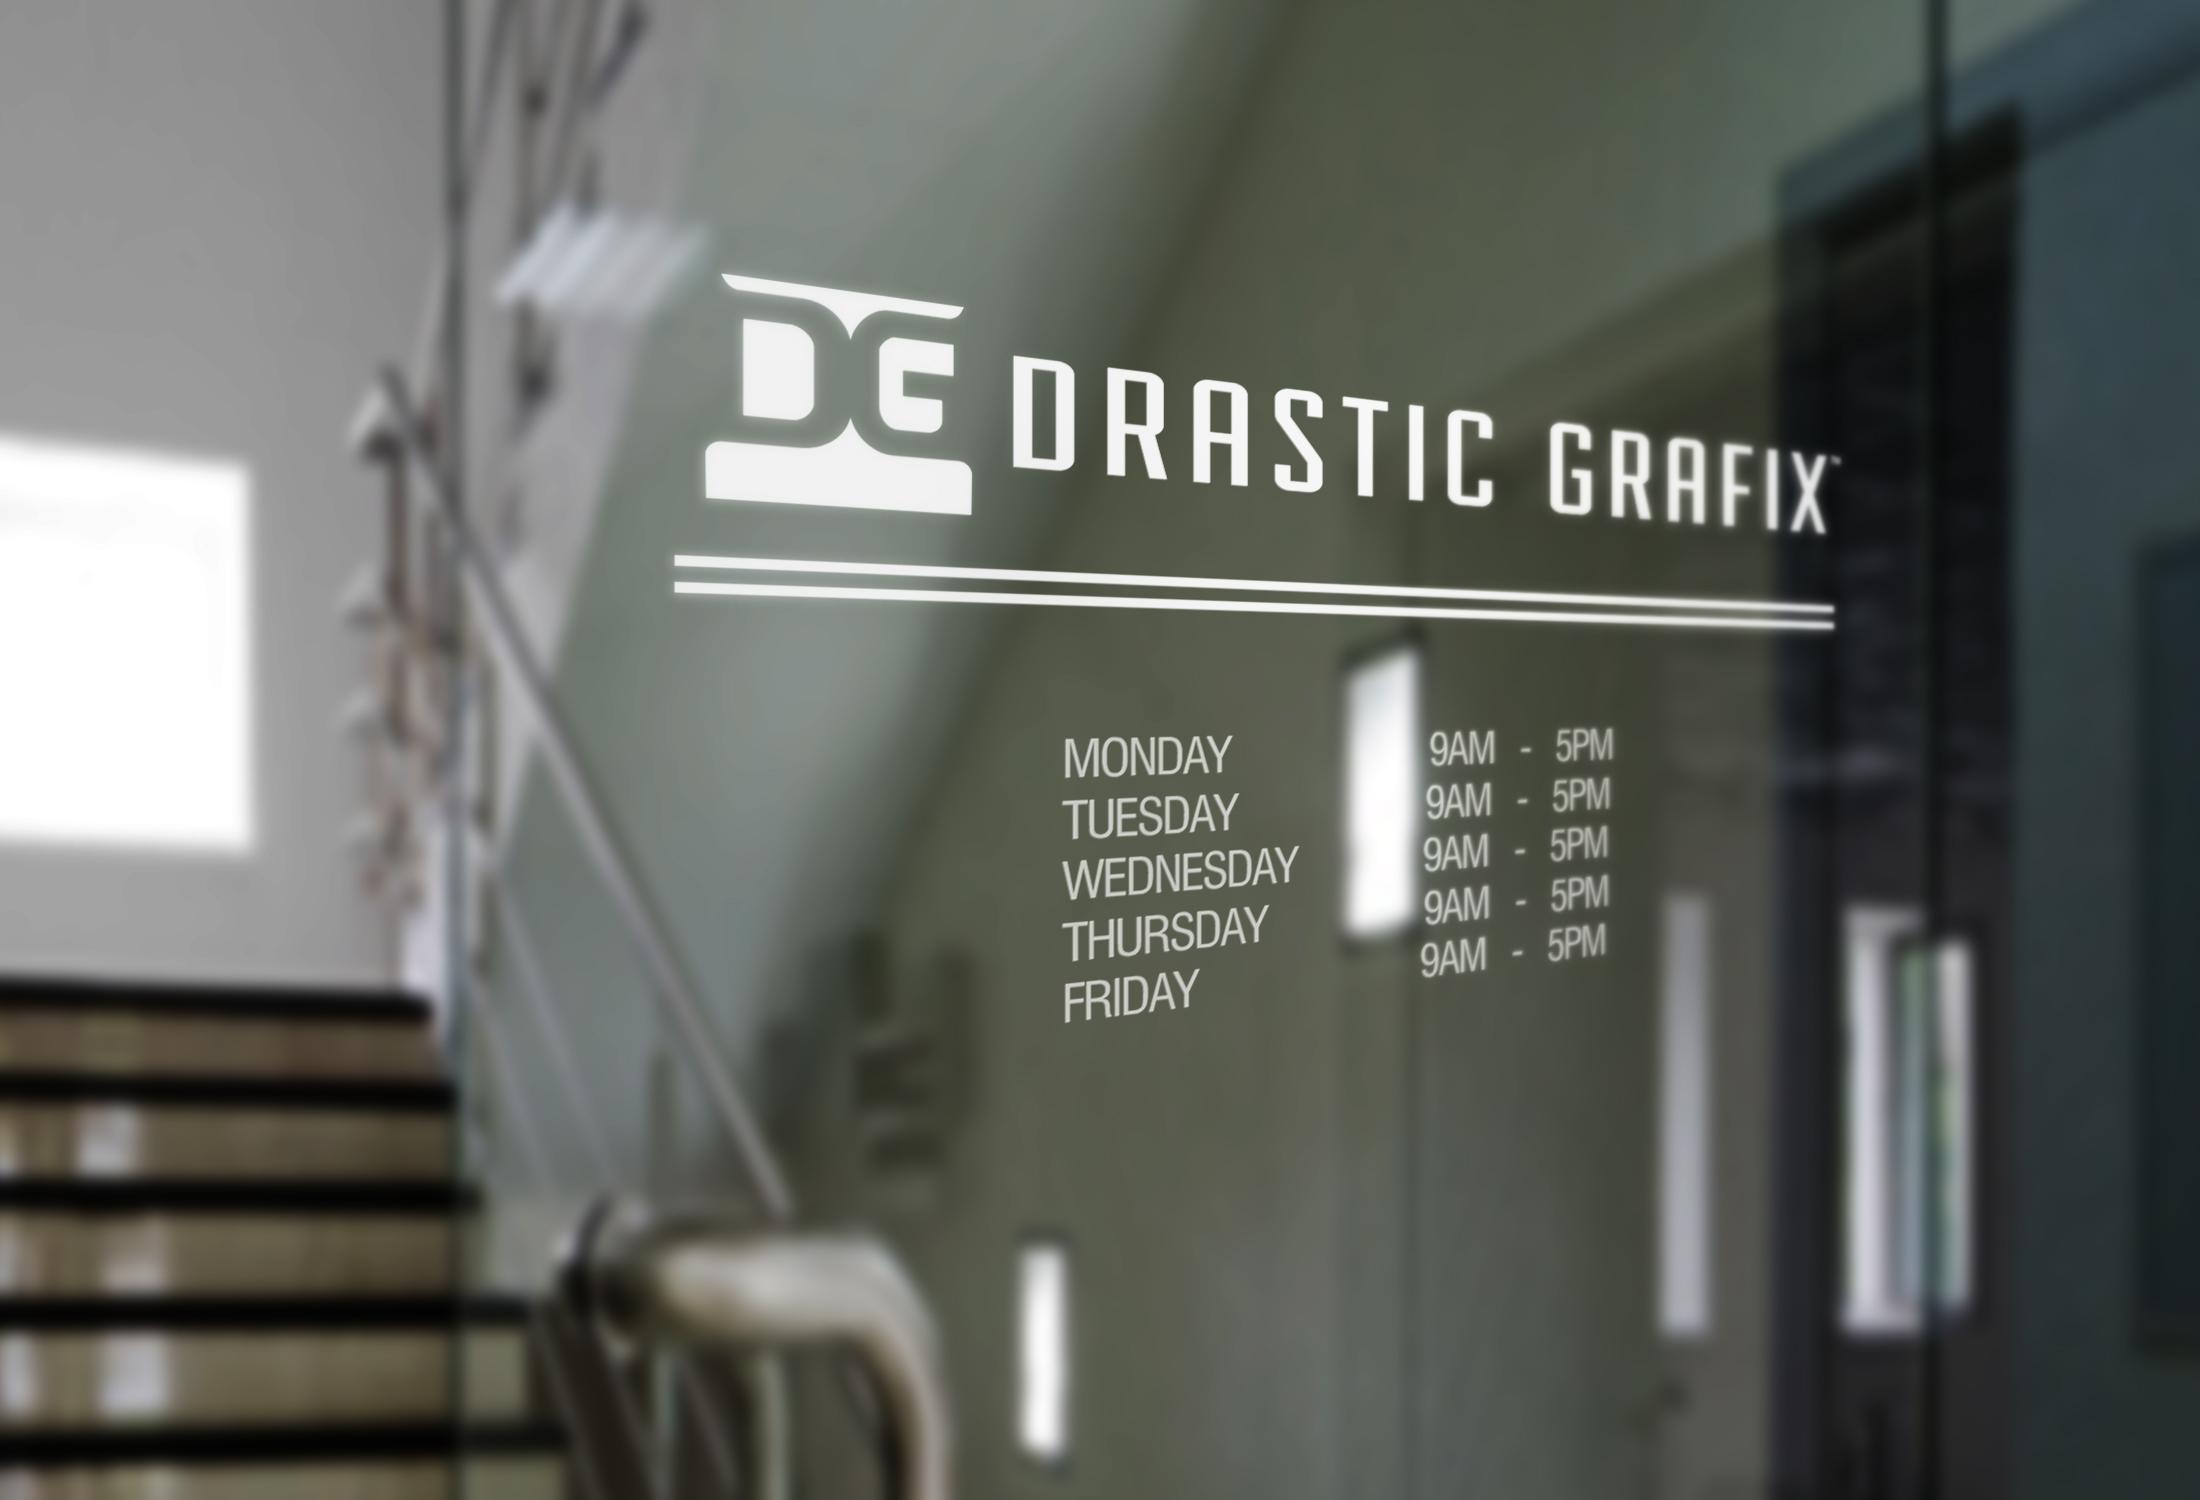 Drastic Grafix